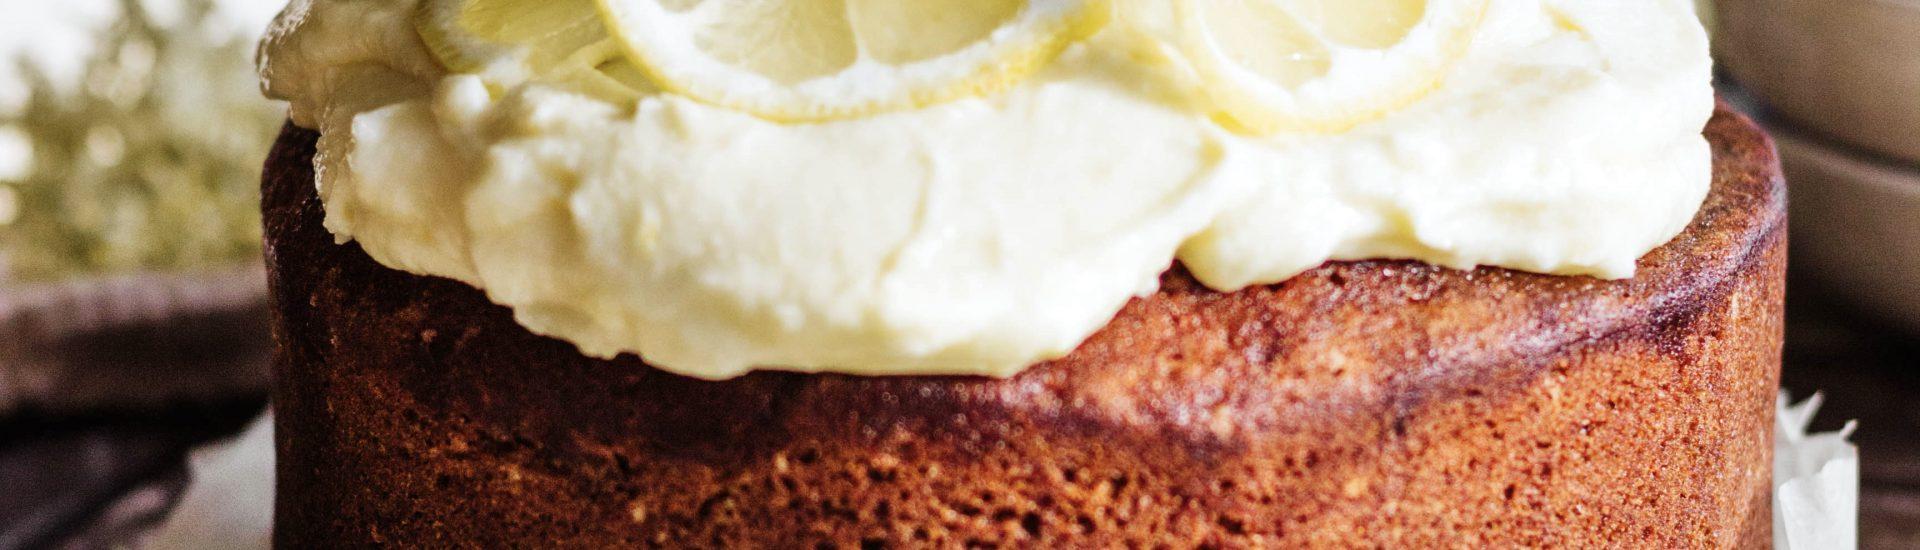 vlierbloesem cake van Cielstabletales